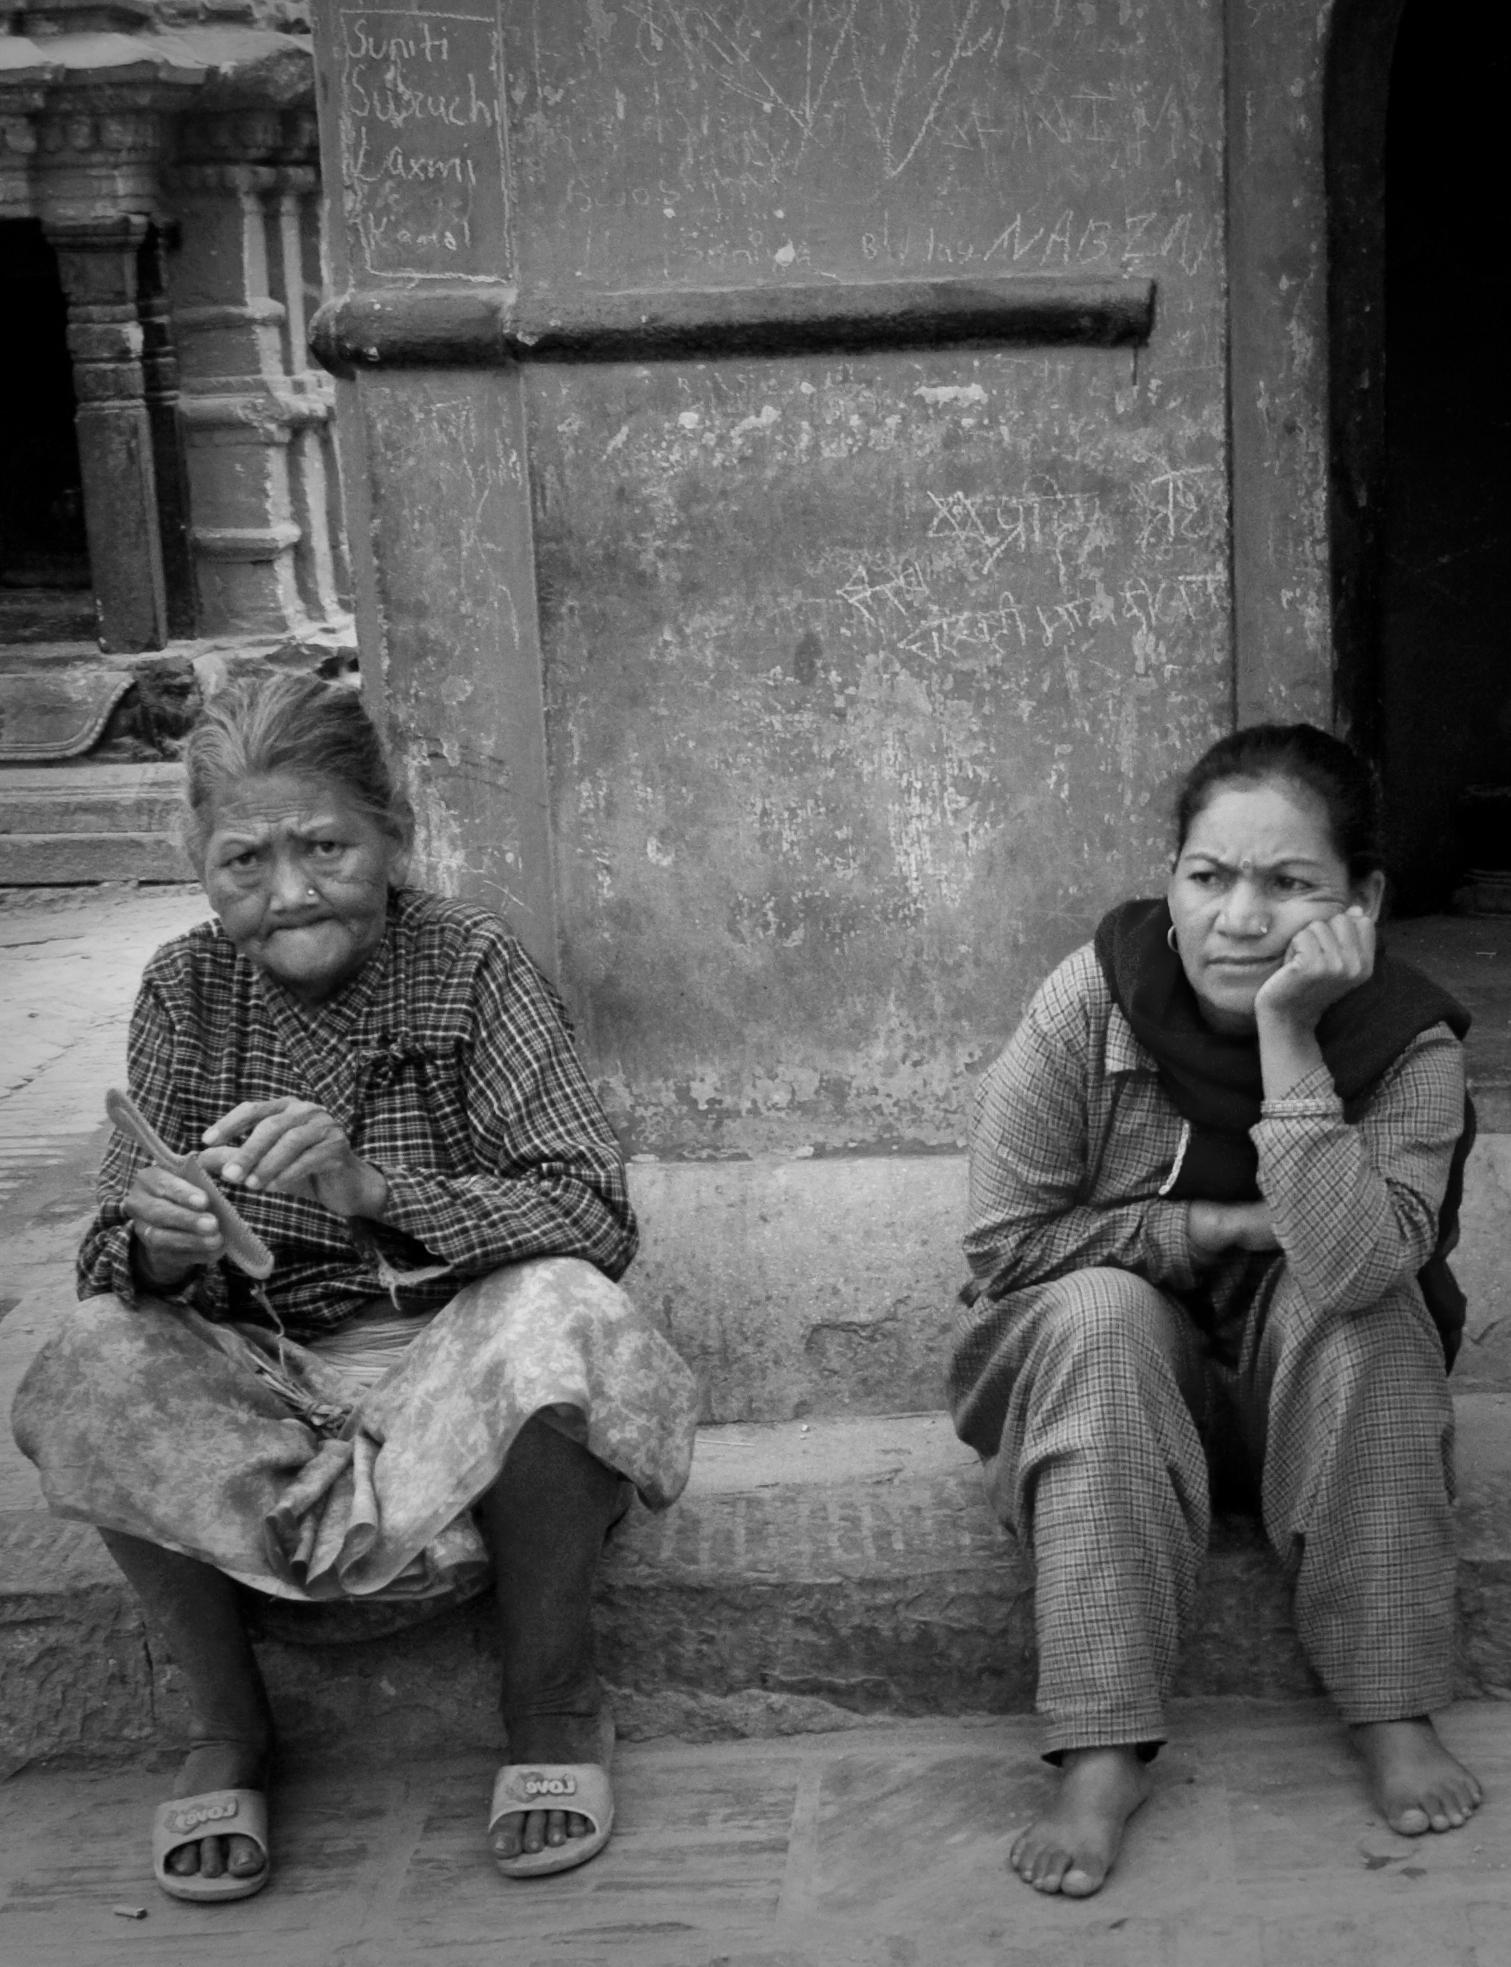 Kathmandu Musings